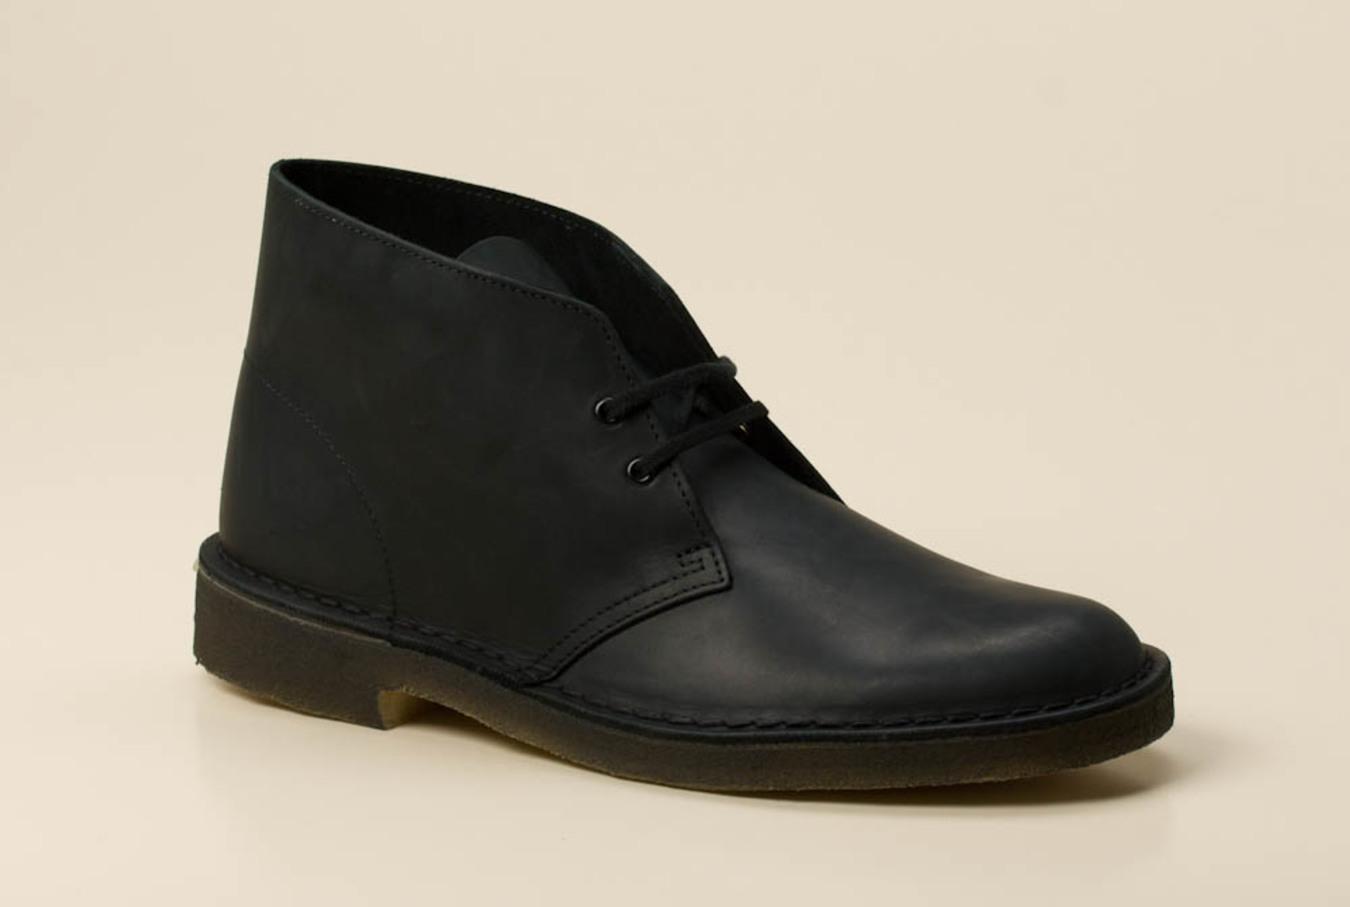 7a46a87d568ee3 Clarks Herren Desert-Boots in schwarz kaufen